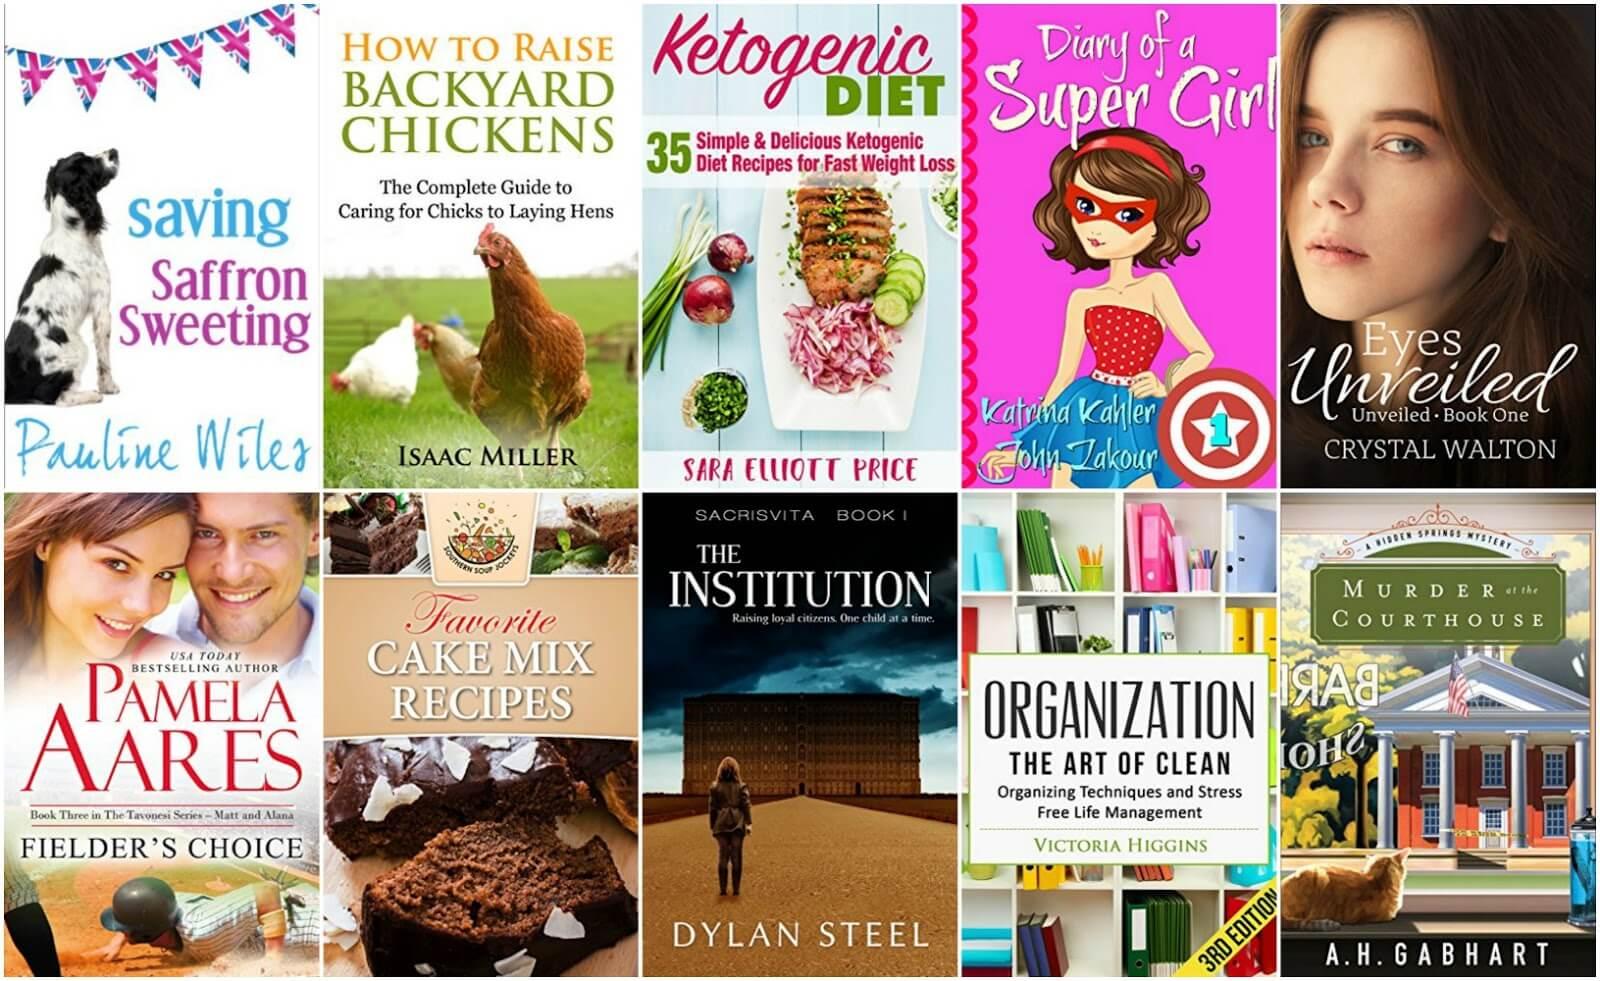 10 Free Kindle Books 2-22-17